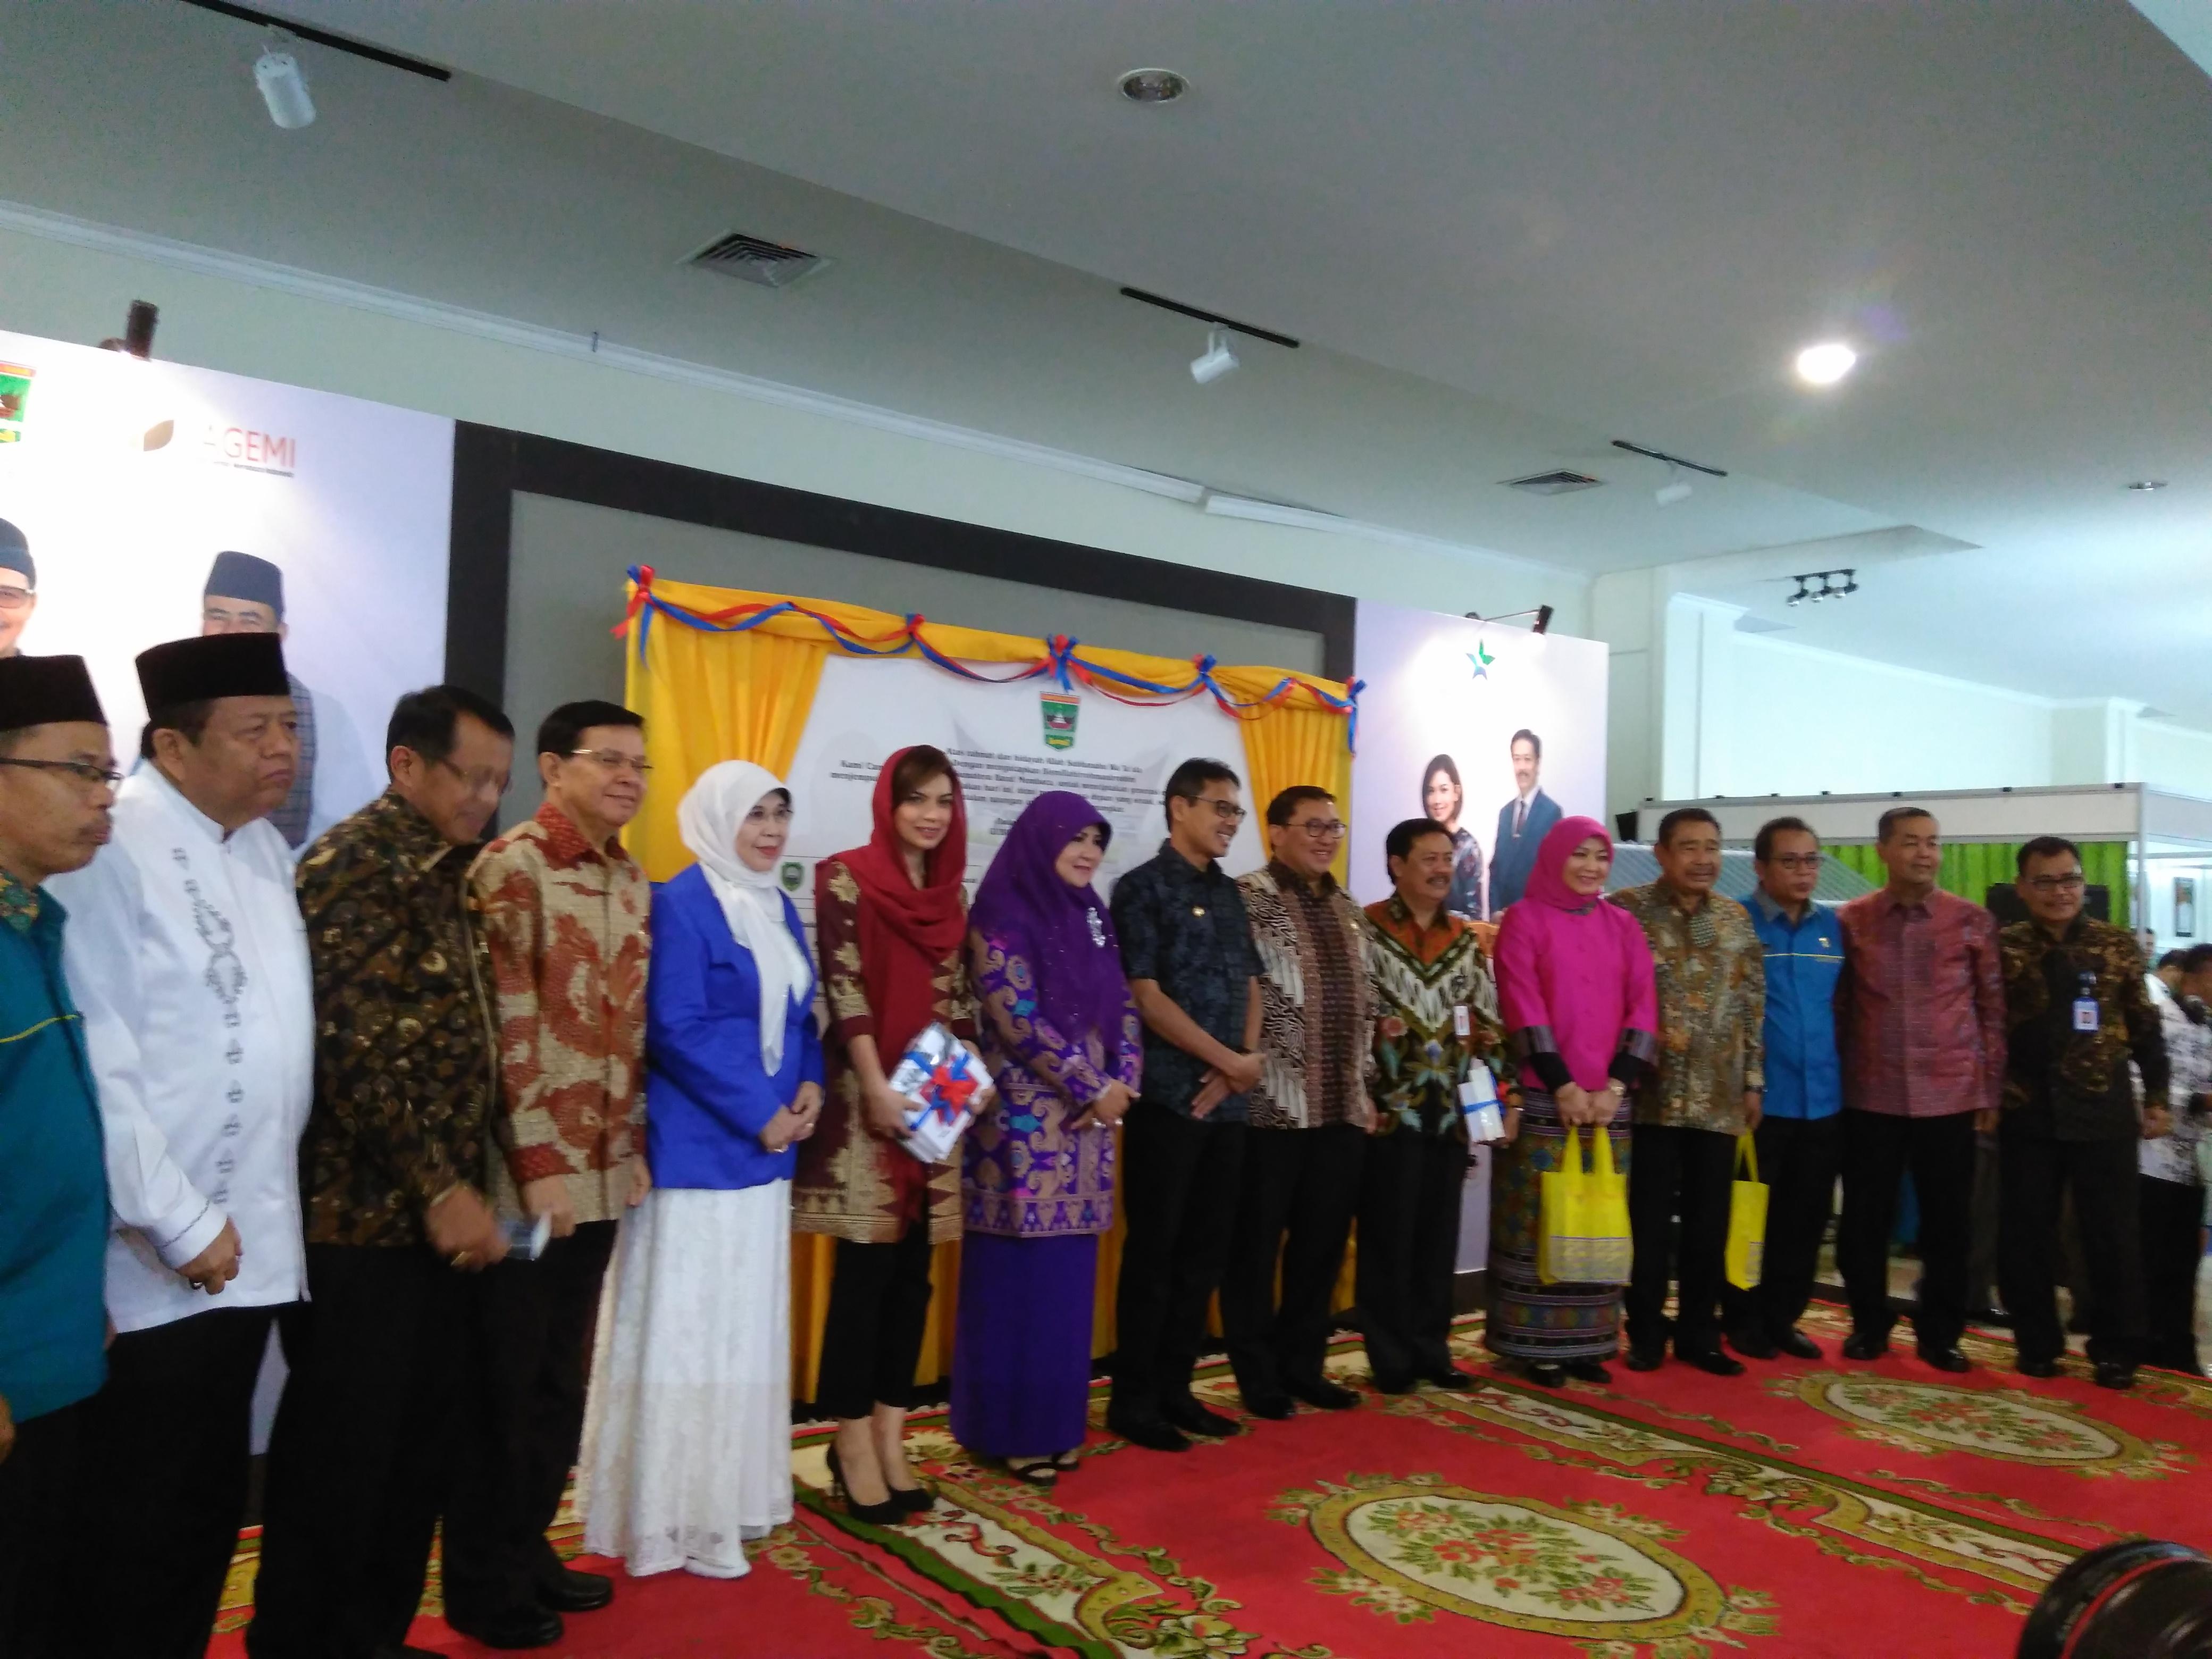 Gubernur Sumbar, Irwan Prayitno Mencanangkan Gerakan Sumatera Barat Membaca